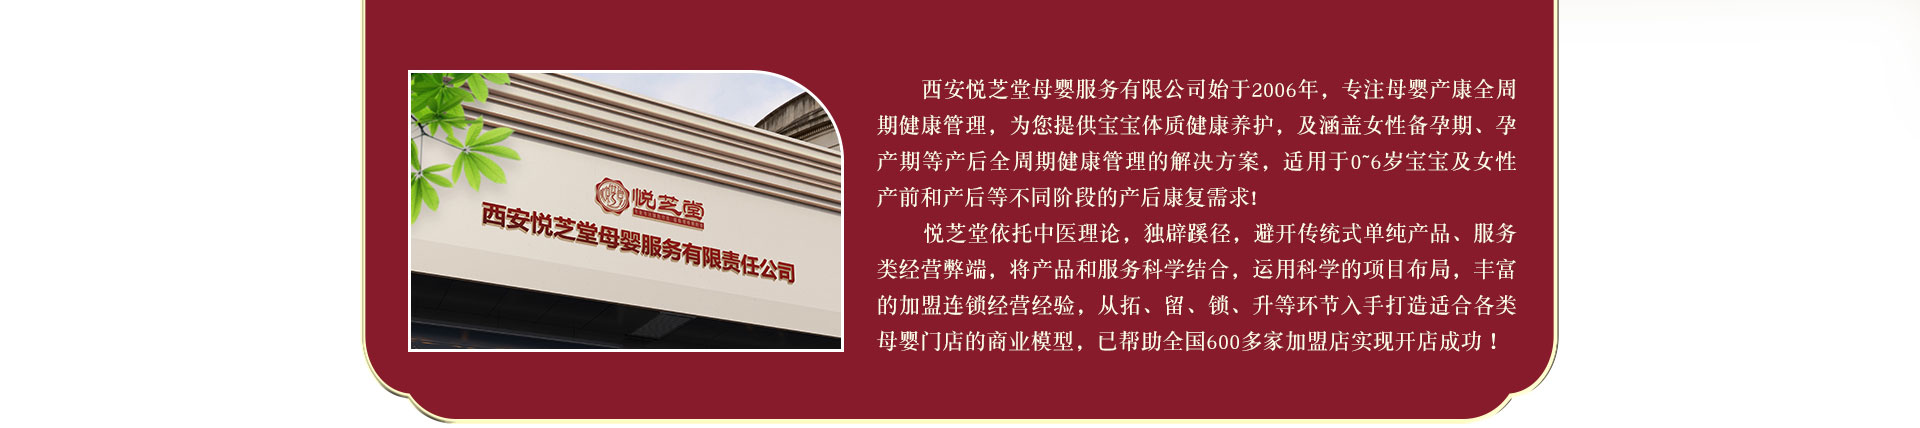 悦芝堂母婴产康全周期管理yzt_03